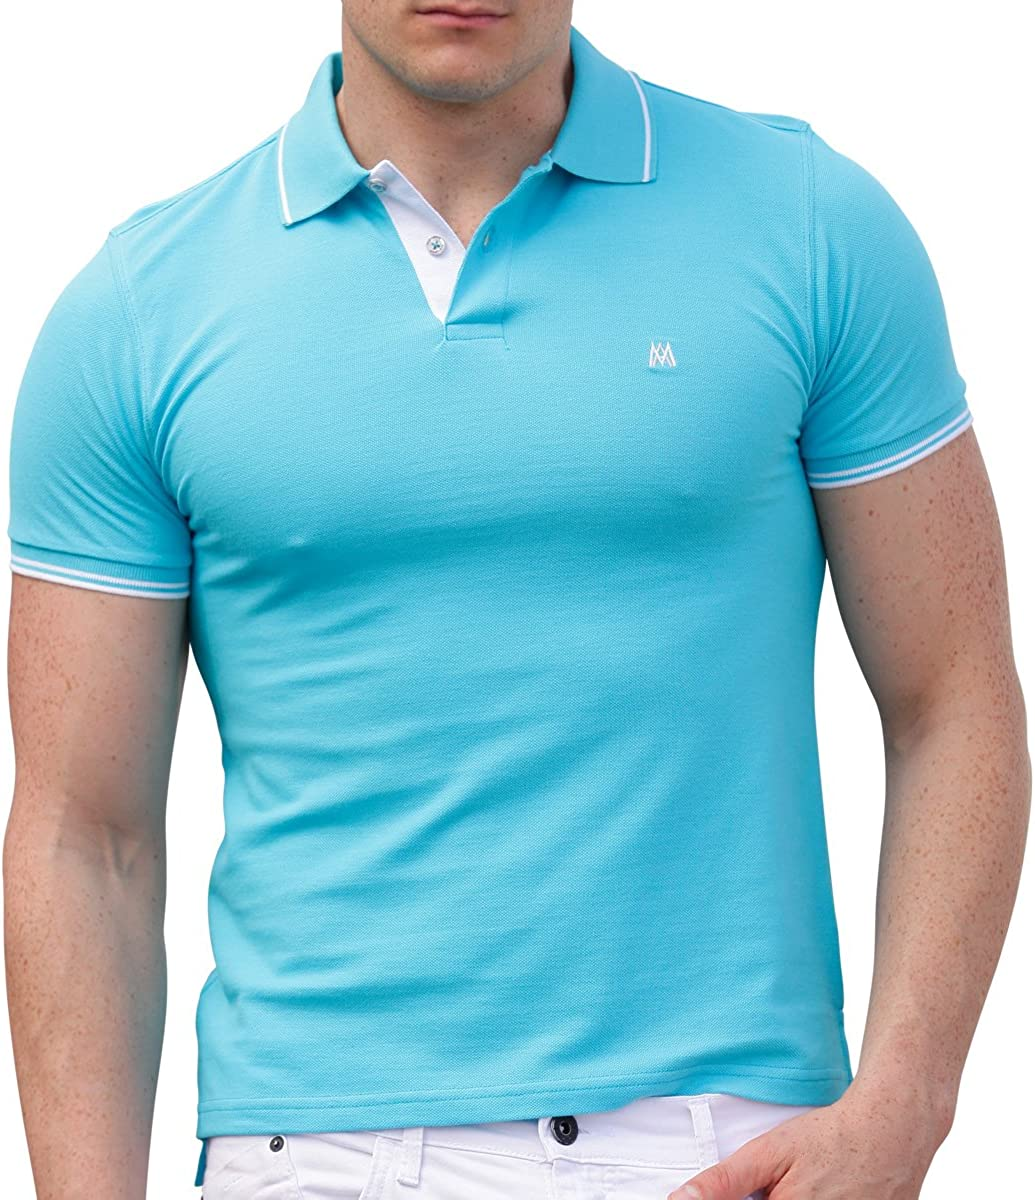 AsdruMark Camiseta Polo Shirt para Hombres, Turquesa: Amazon.es ...